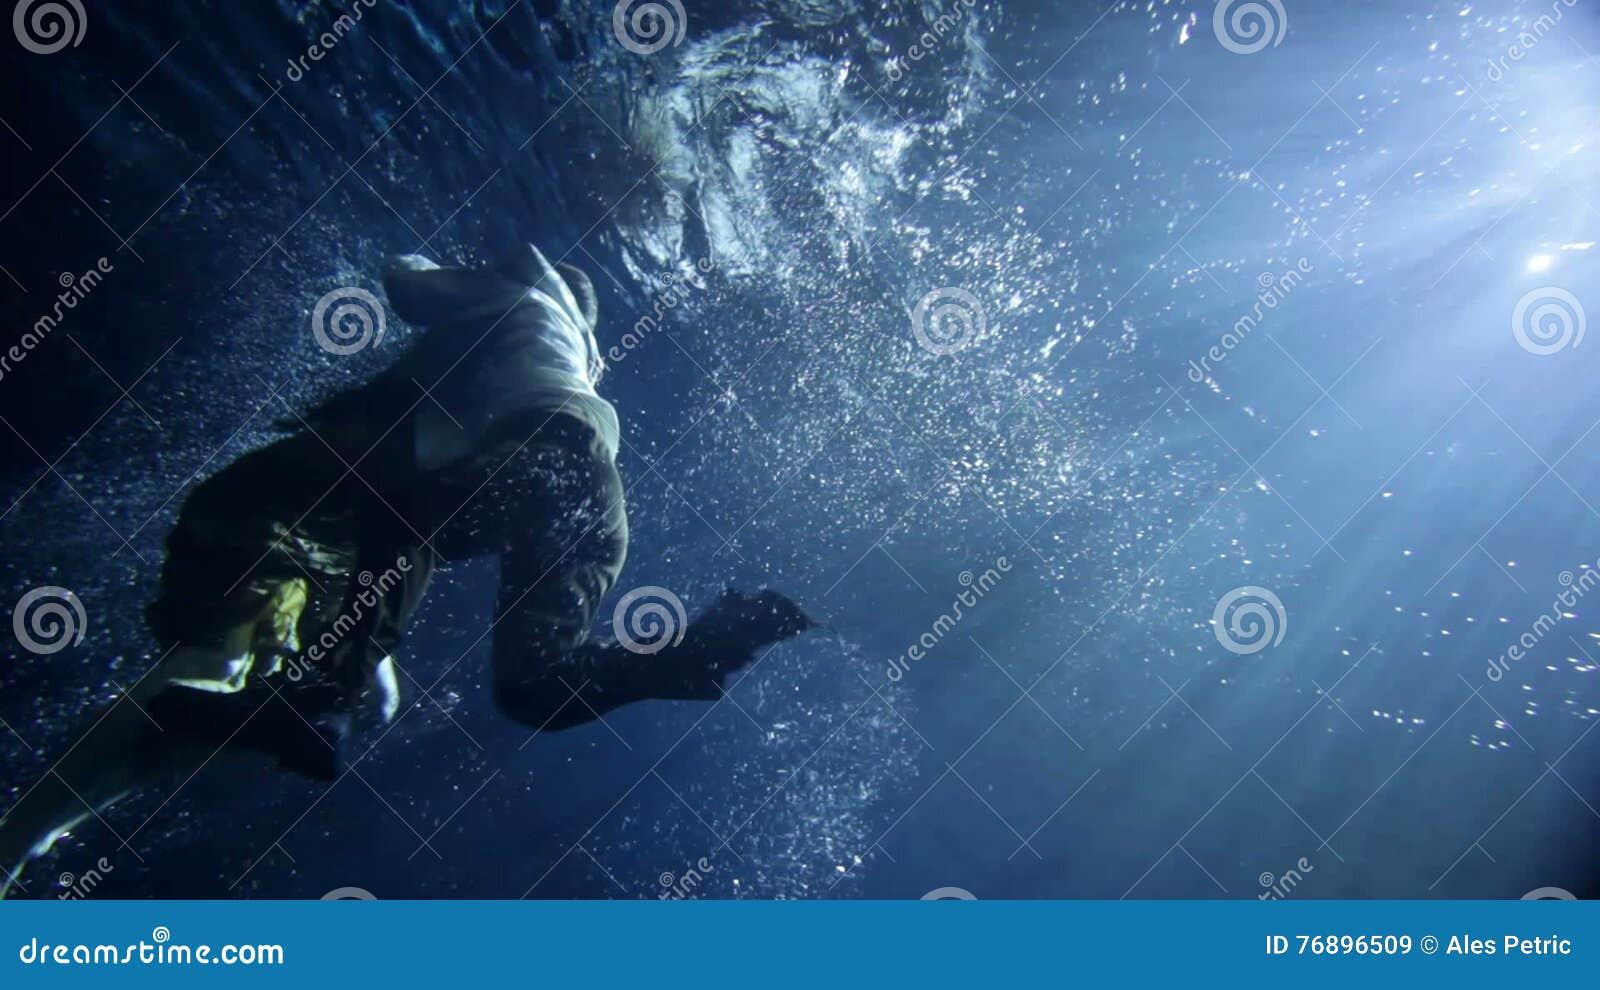 Klamotten schwimmen gehen